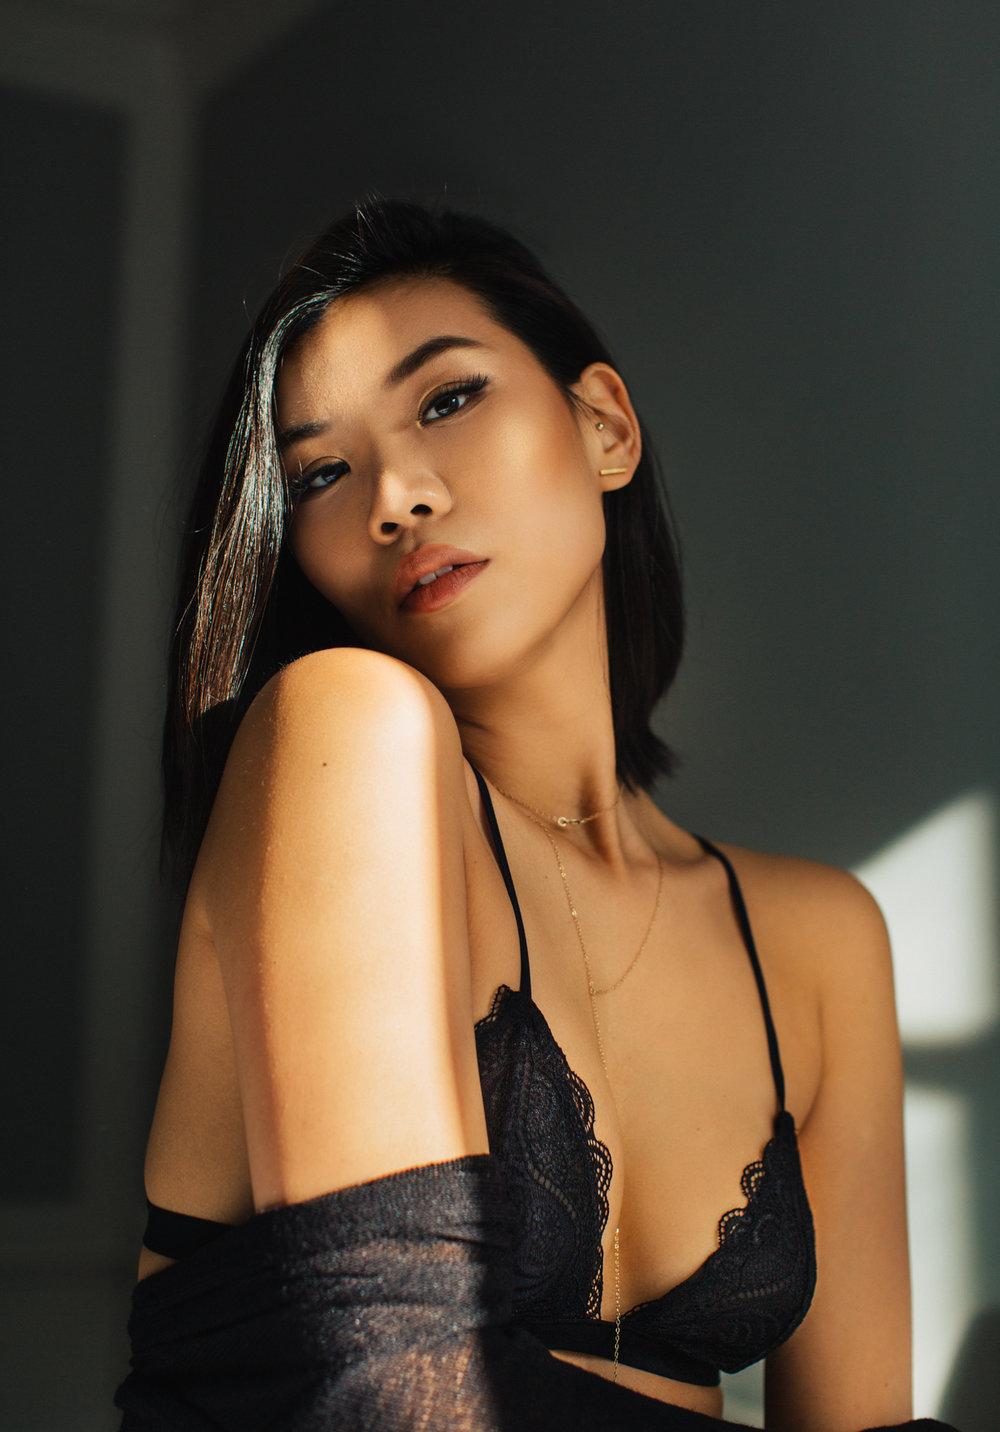 Jessica-58-Edit.jpg